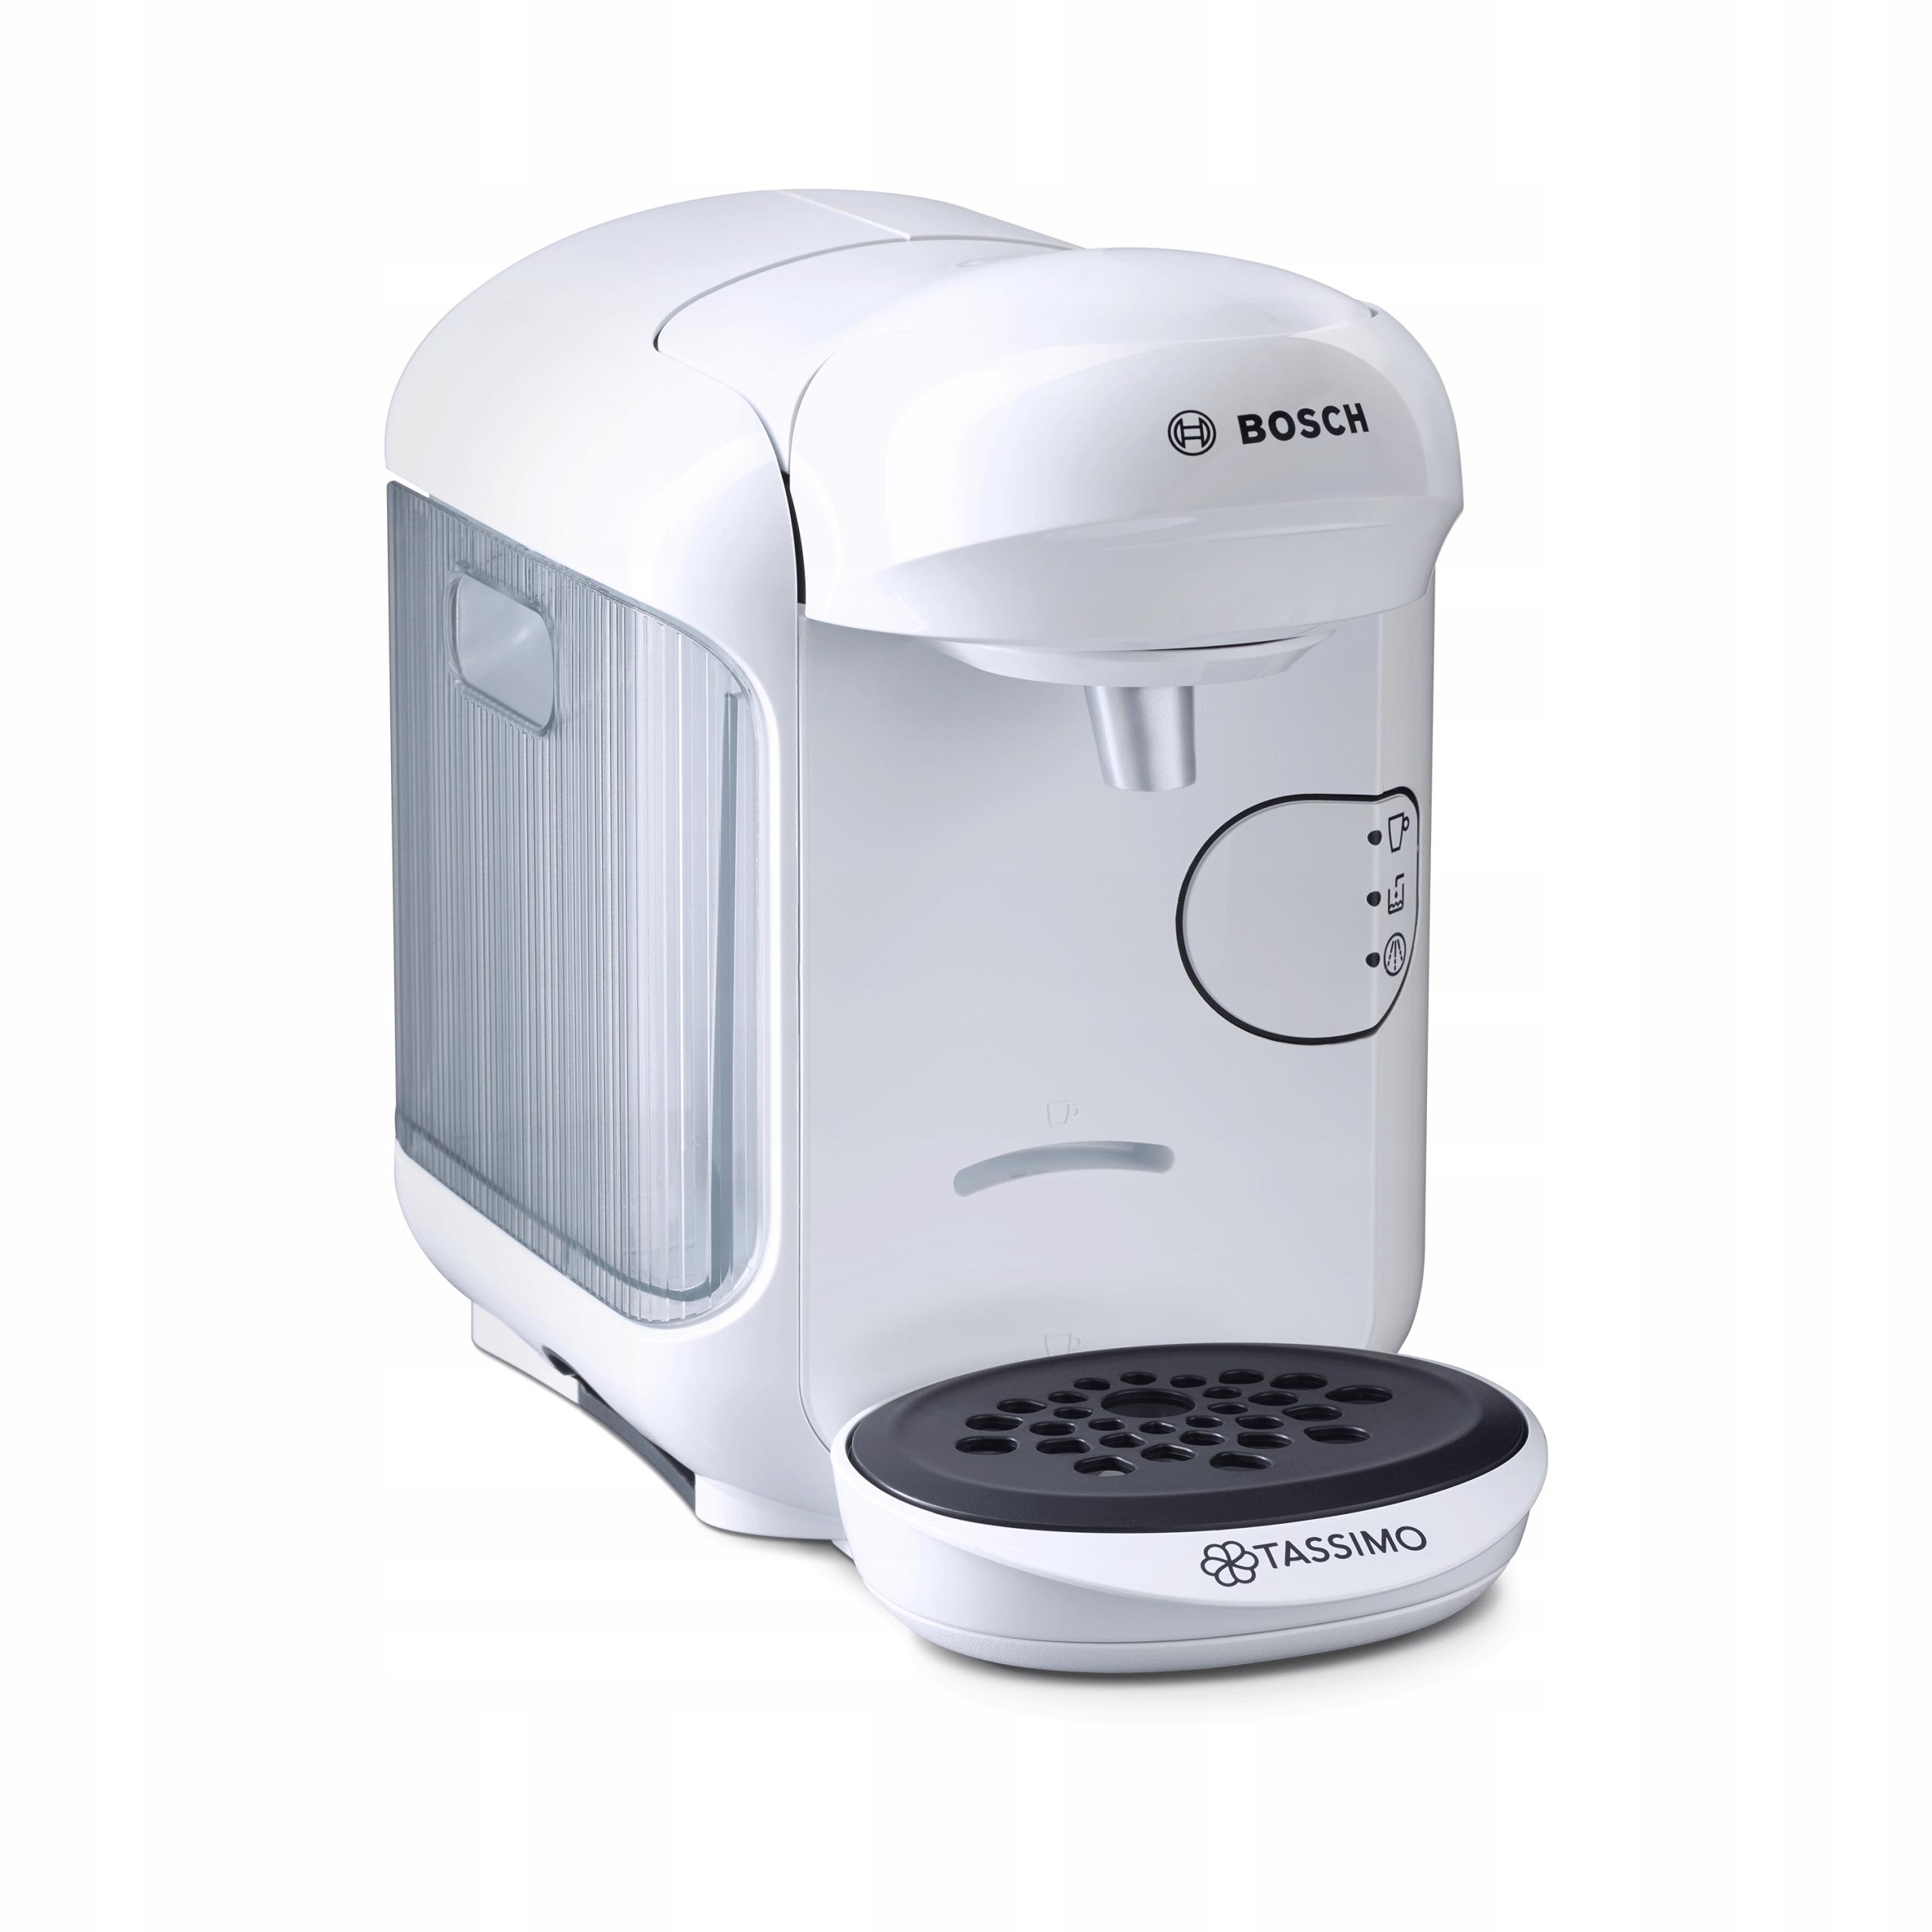 Купить TASSIMO AKUMU VIVY2  144 кофе-машин pasrozm НАПИТКОВ-НЕПРОЛИВАЙКА TASSIMO на Eurozakup - цены и фото - доставка из Польши и стран Европы в Украину.